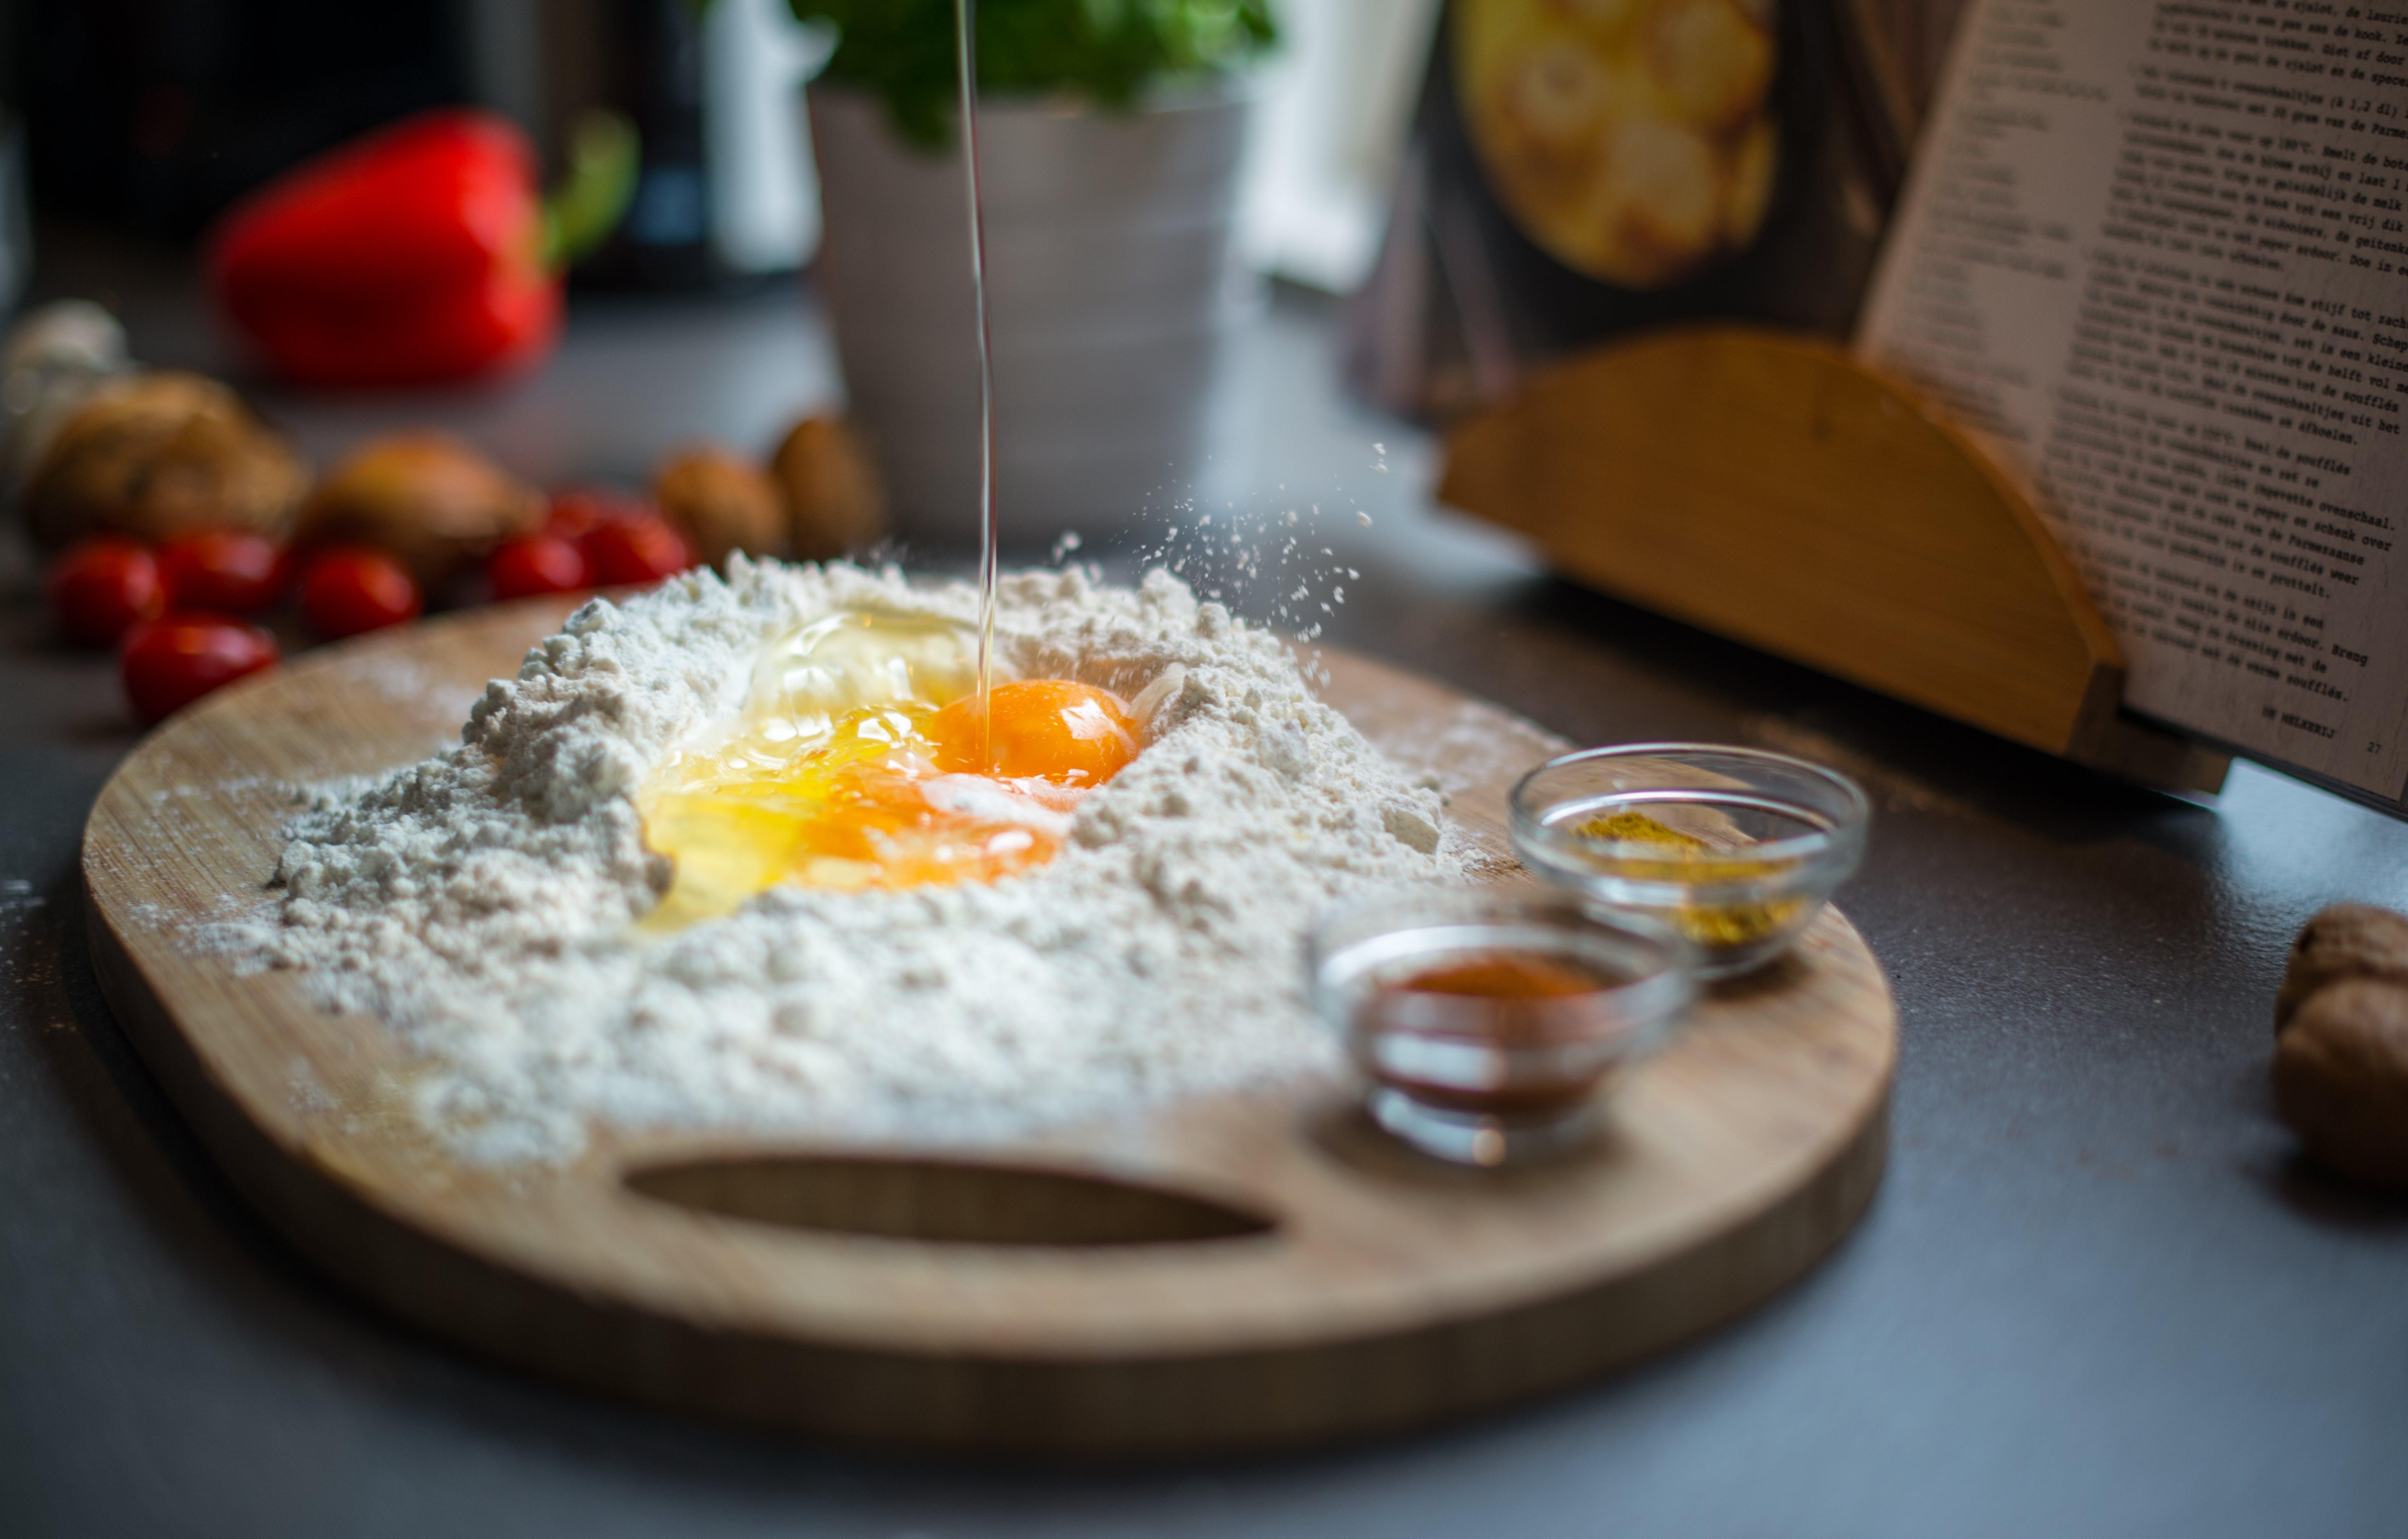 Egg Yolk and Bake Powder